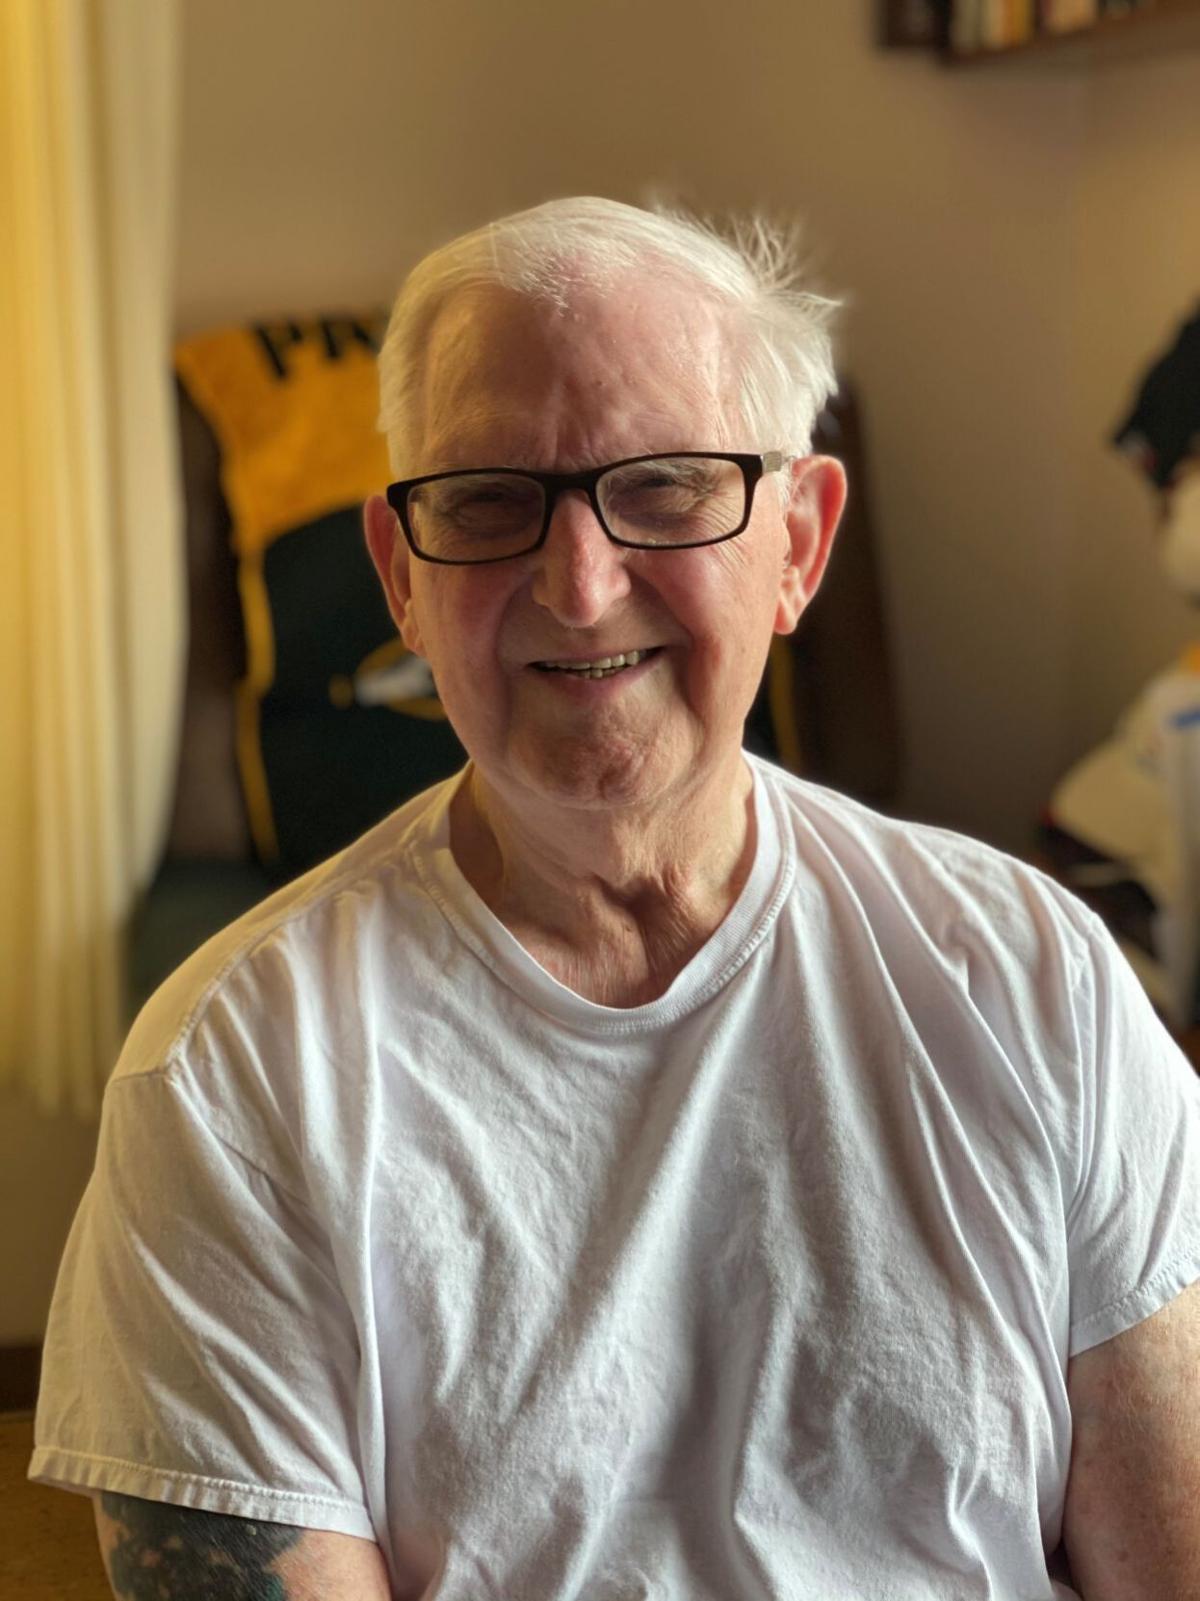 Don Hanson